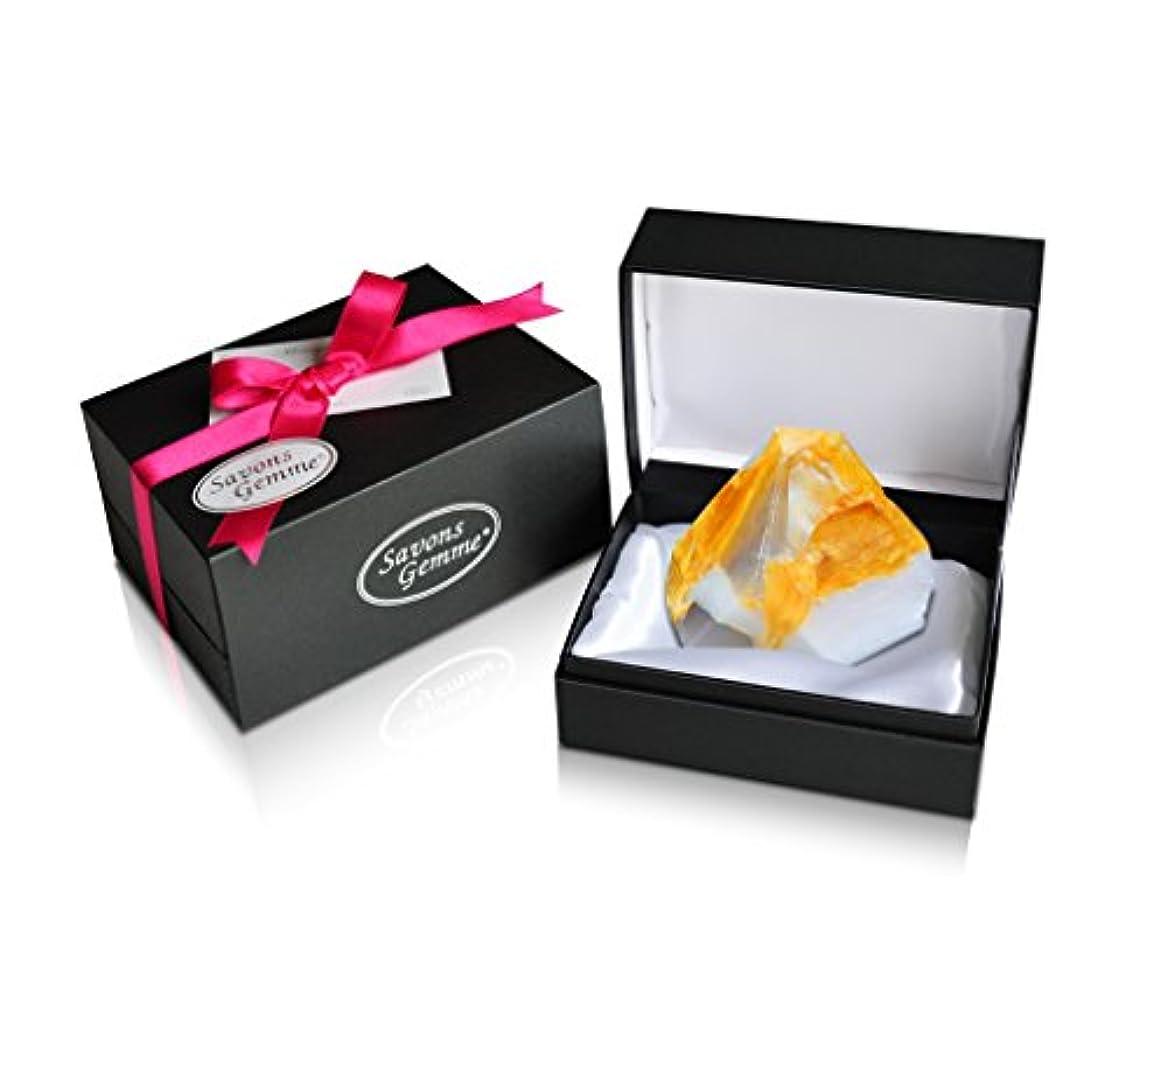 ニックネームすでにバングSavons Gemme サボンジェム ジュエリーギフトボックス 世界で一番美しい宝石石鹸 フレグランス ソープ 宝石箱のようなラグジュアリー感を演出 アルバトールオリエンタル 170g 【日本総代理店品】